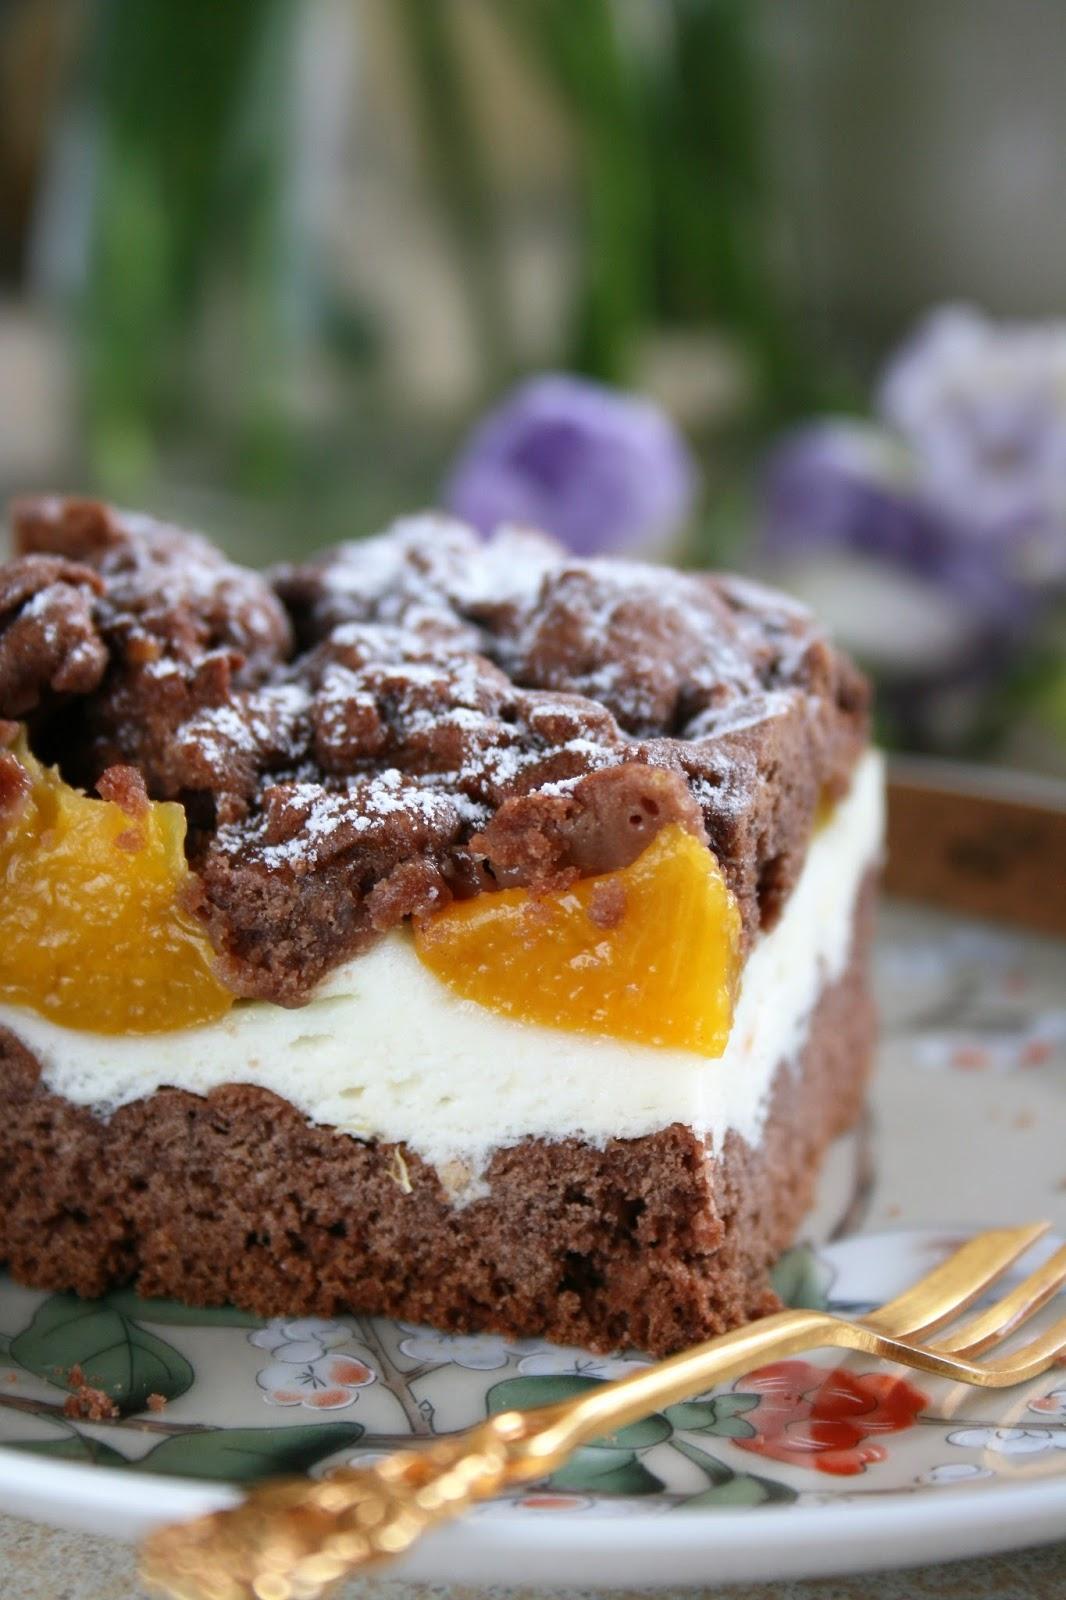 Kruche ciasto kakaowe z pianką i brzoskwiniami 2